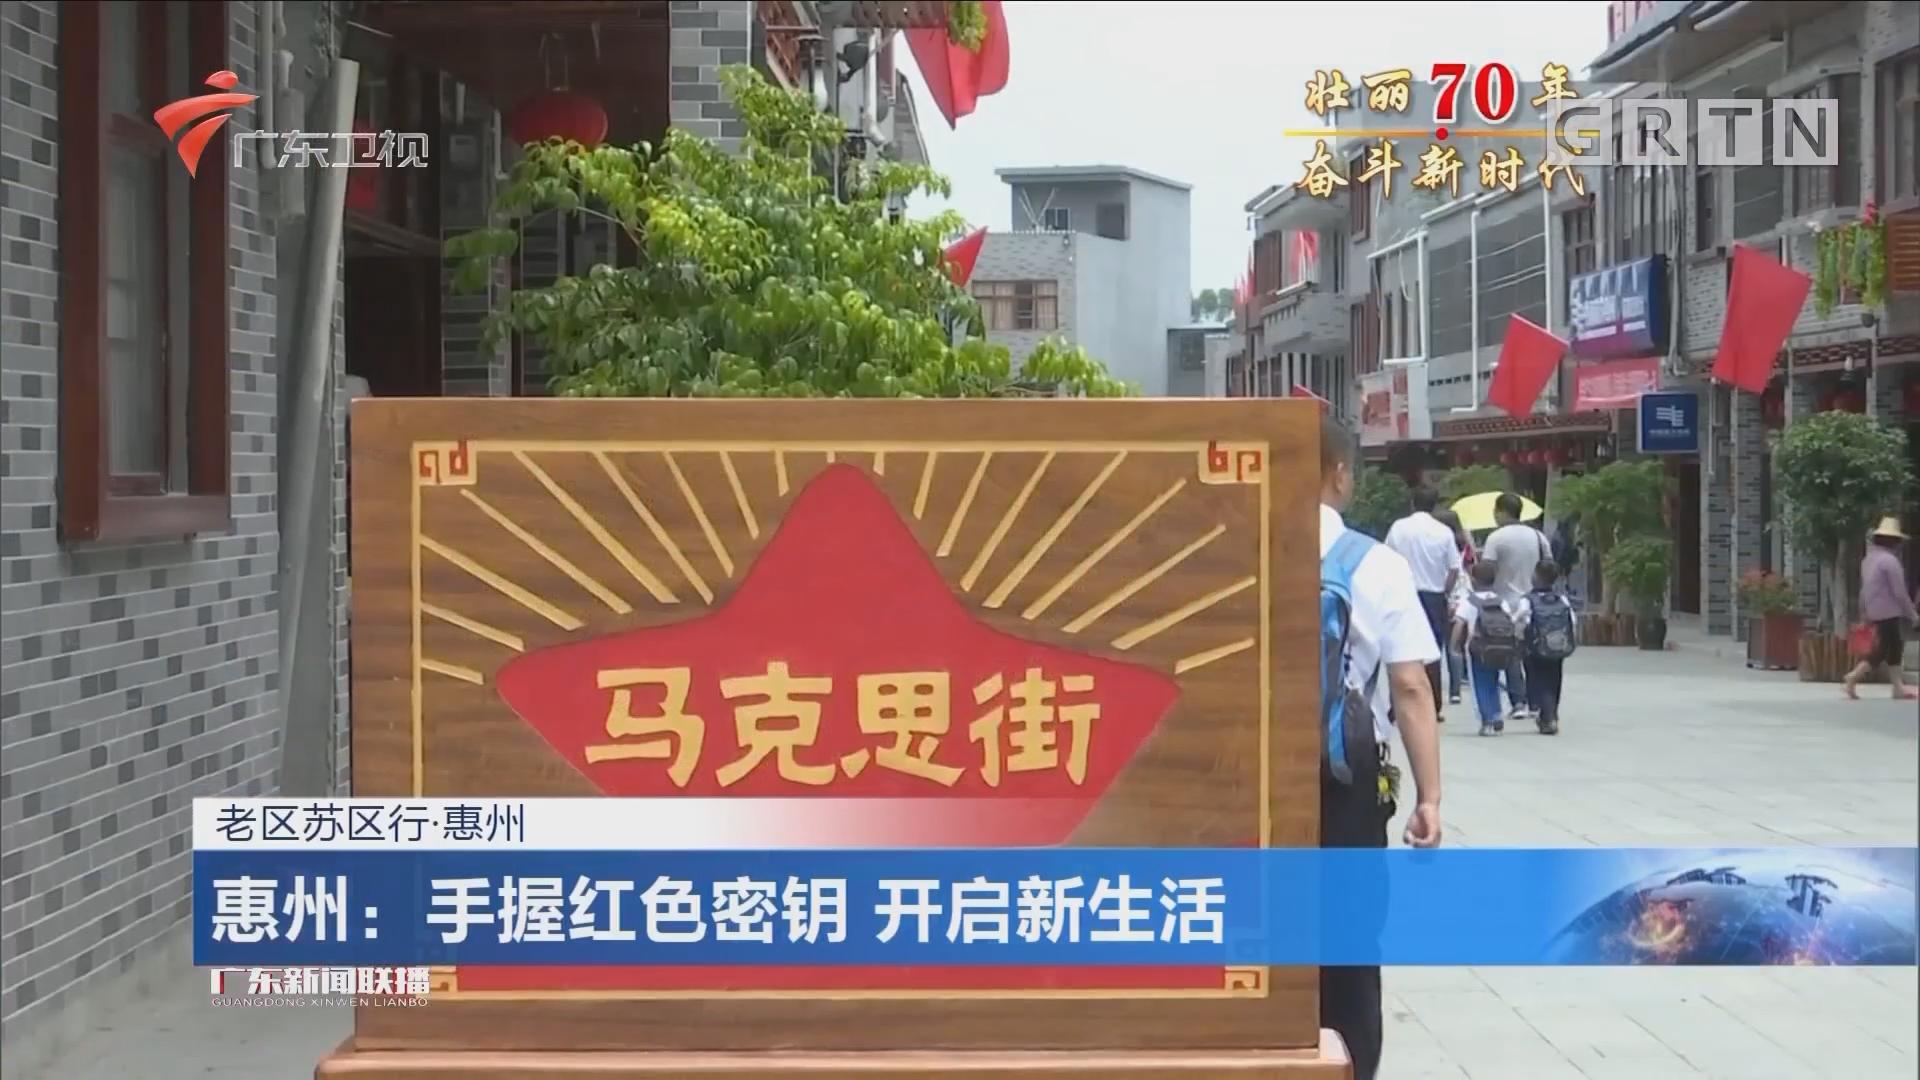 惠州:手握红色密钥 开启新生活